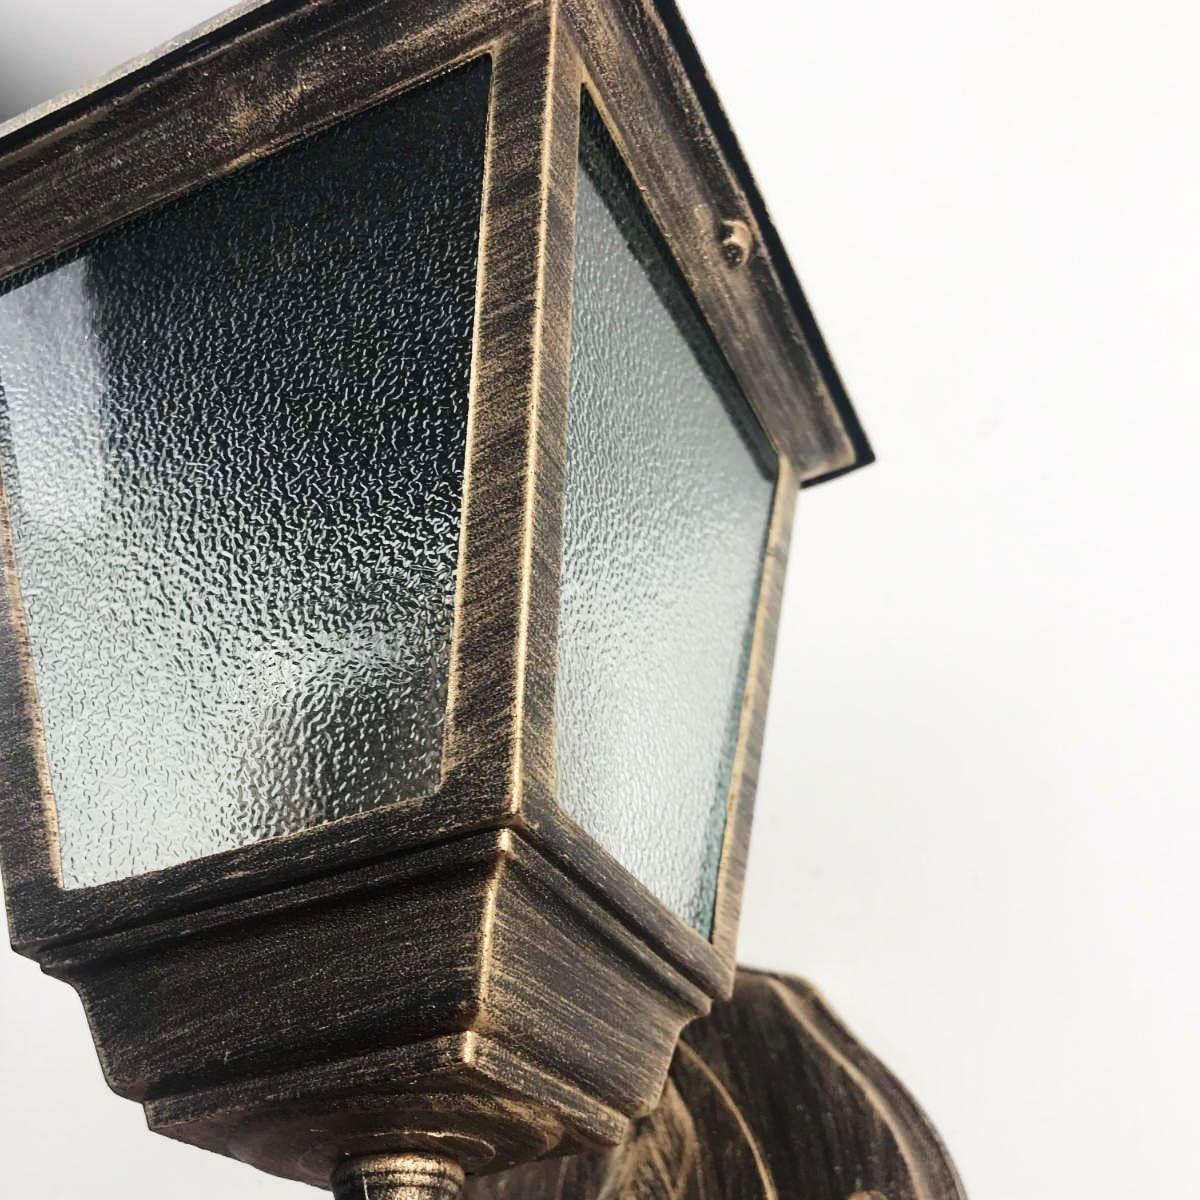 Kit 4 Arandelas Coloniais 4 Faces Em Alumínio - Ouro Velho